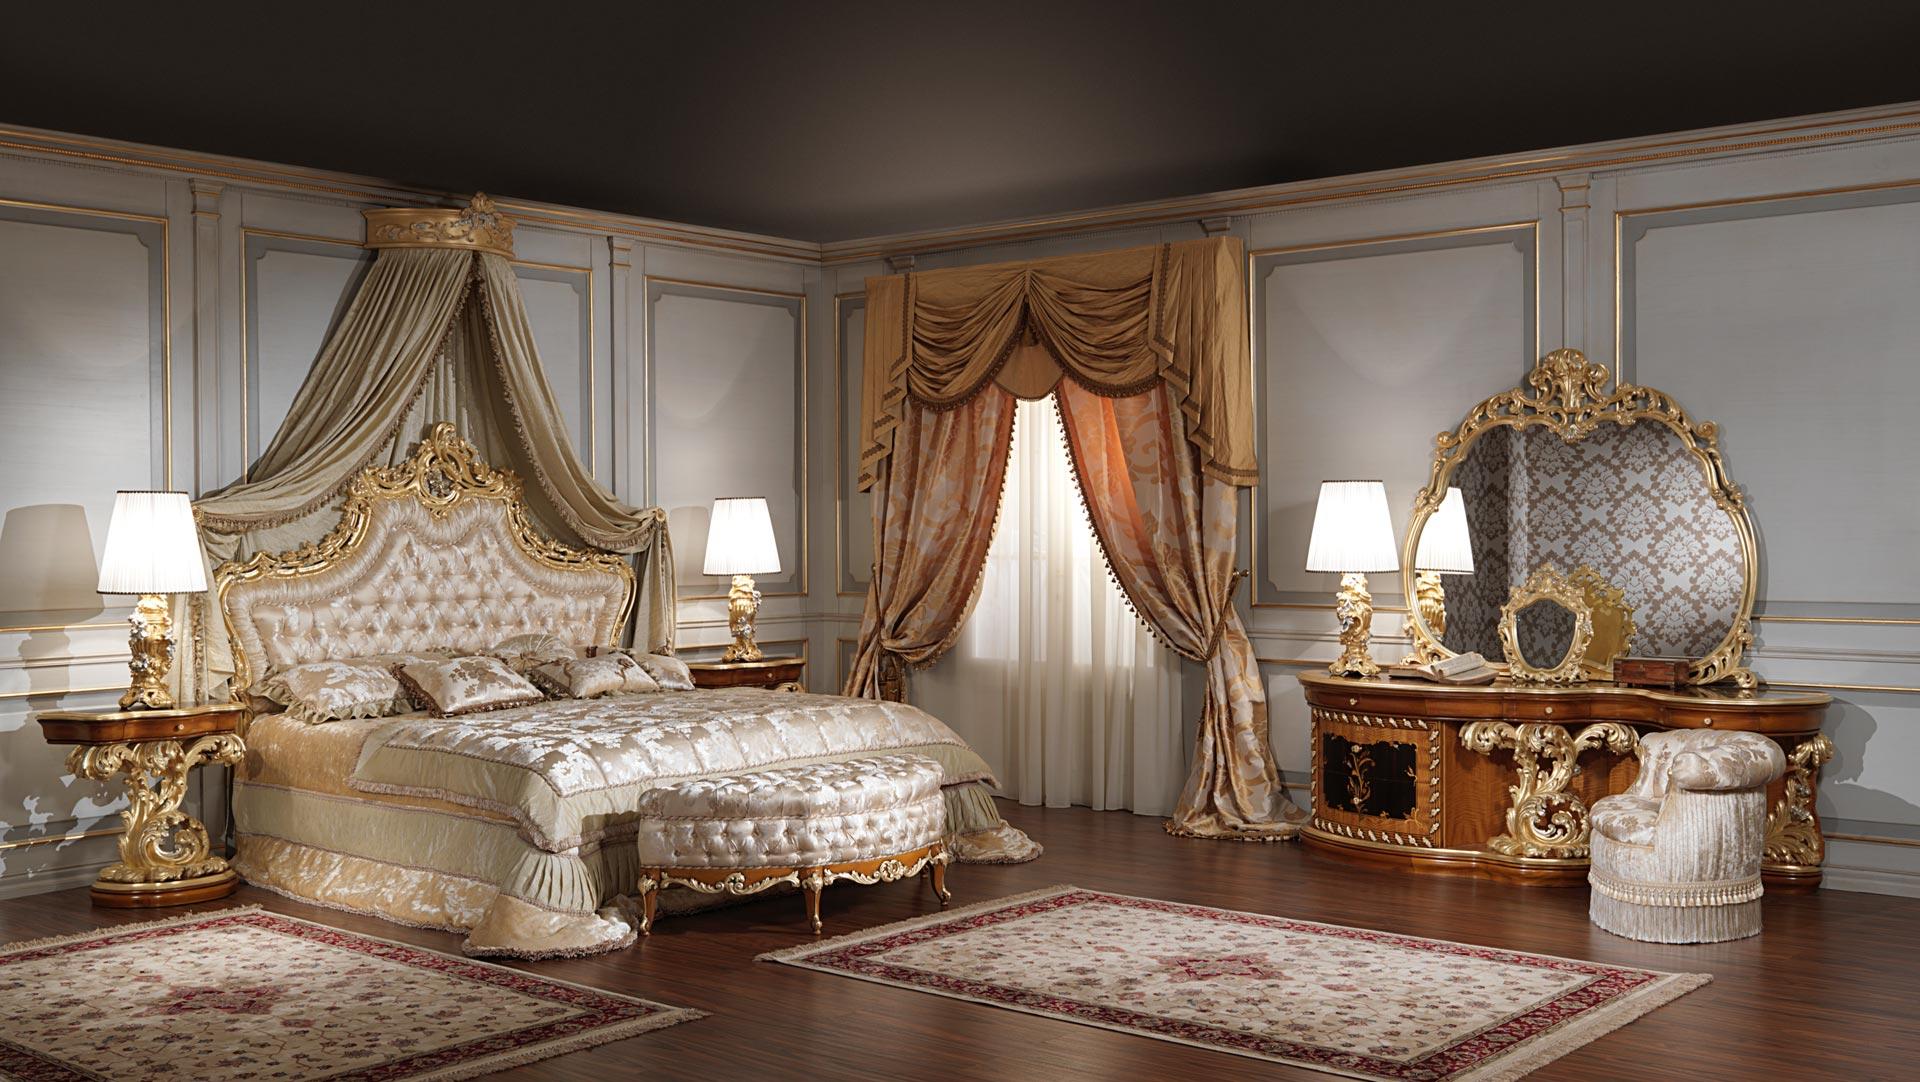 Спальня с приятным декором